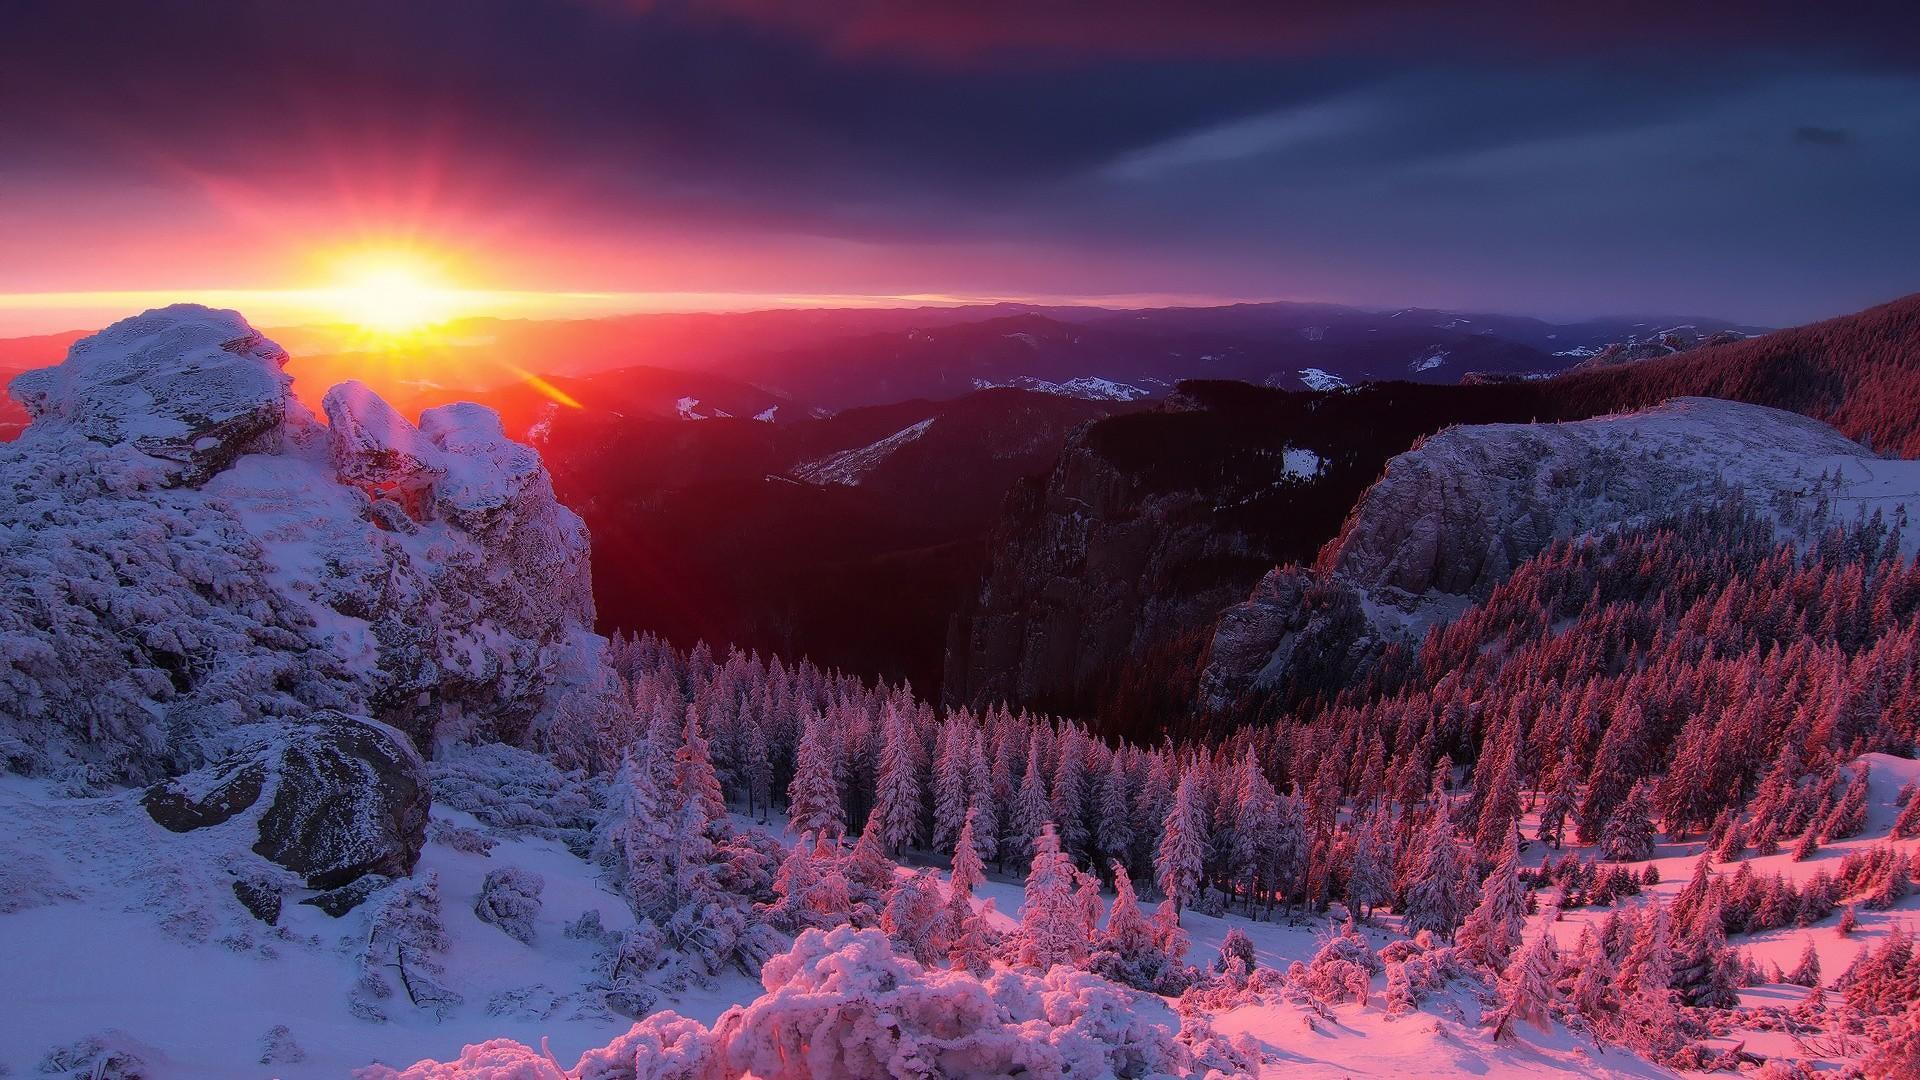 Wallpaper alps, mountains, winter, sunset